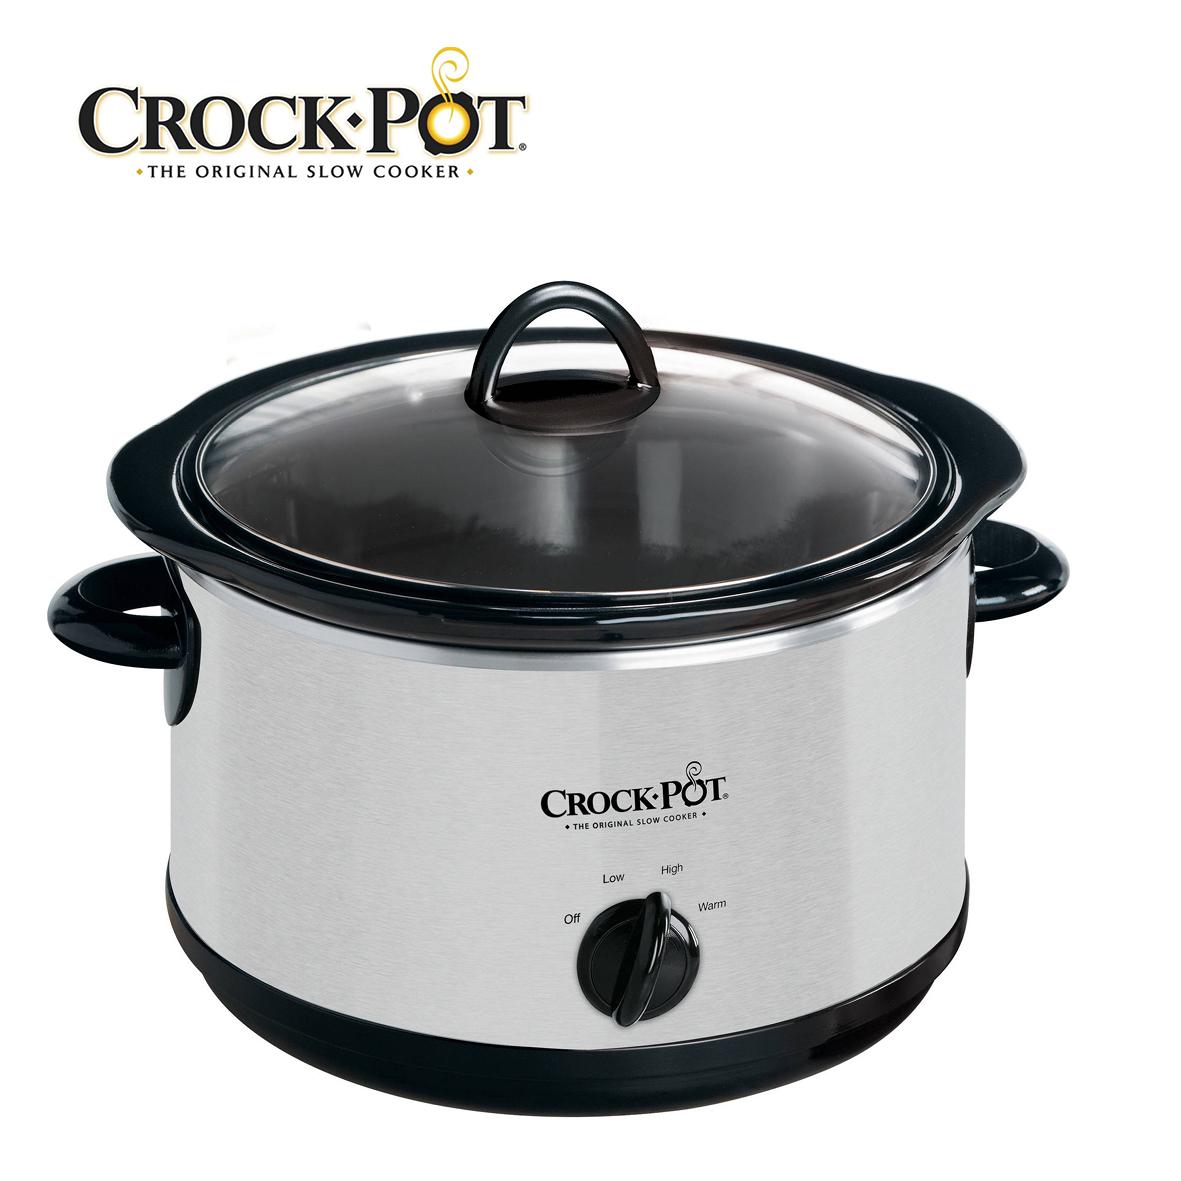 crockpot.jpg